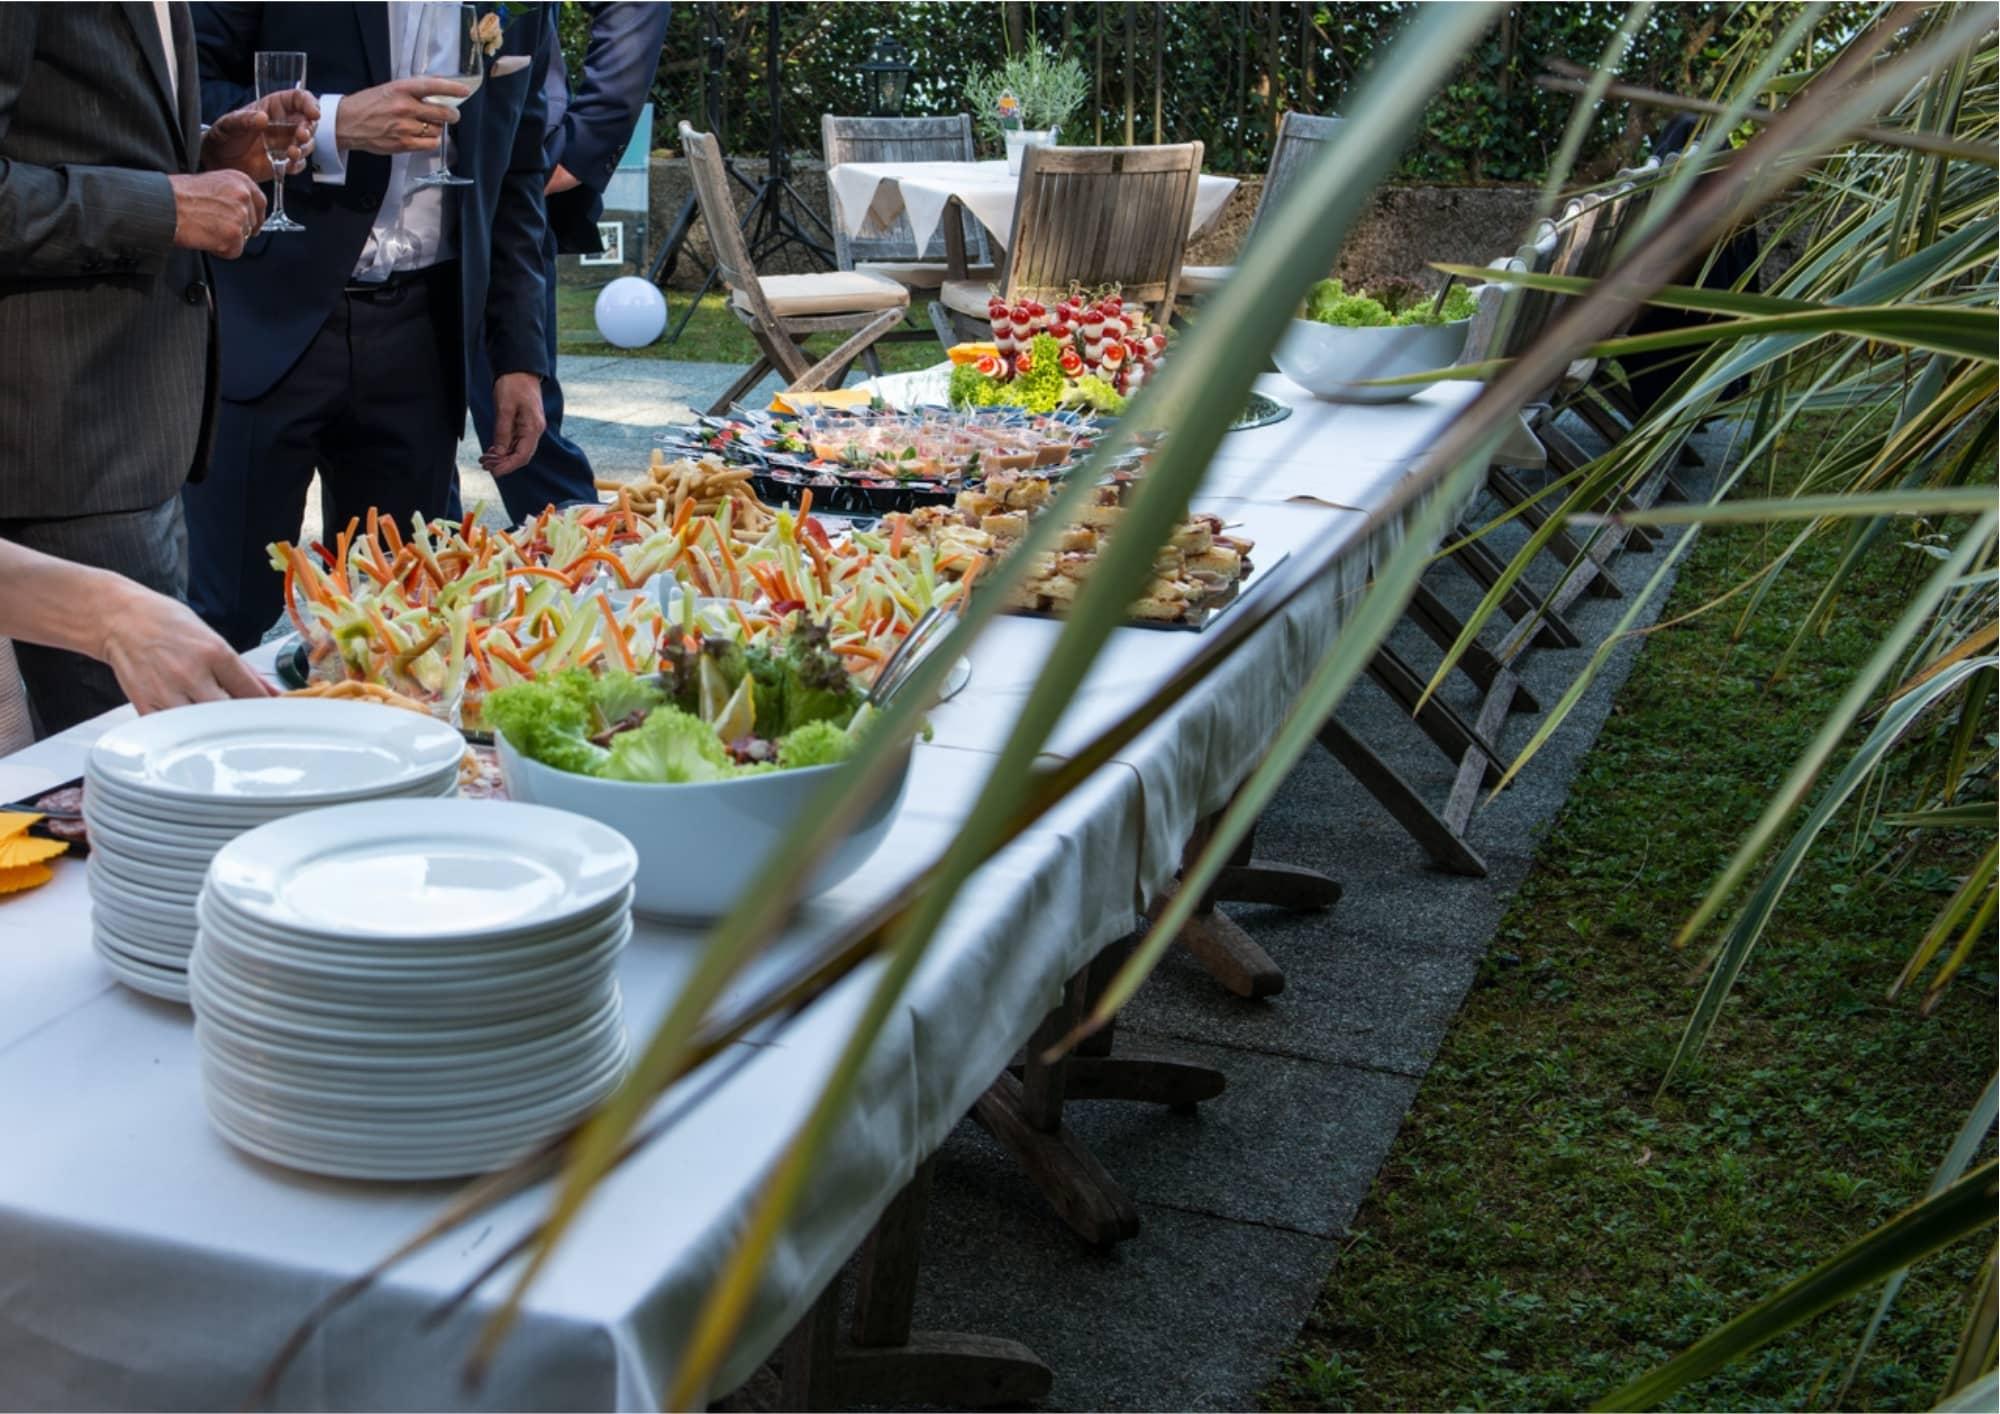 Vilma Wedding & Event Planner _ vestuvės užsienyje _ Vilma Rapšaitė _ vestuvių planuotoja Italijoje _ santuokos organizavimas